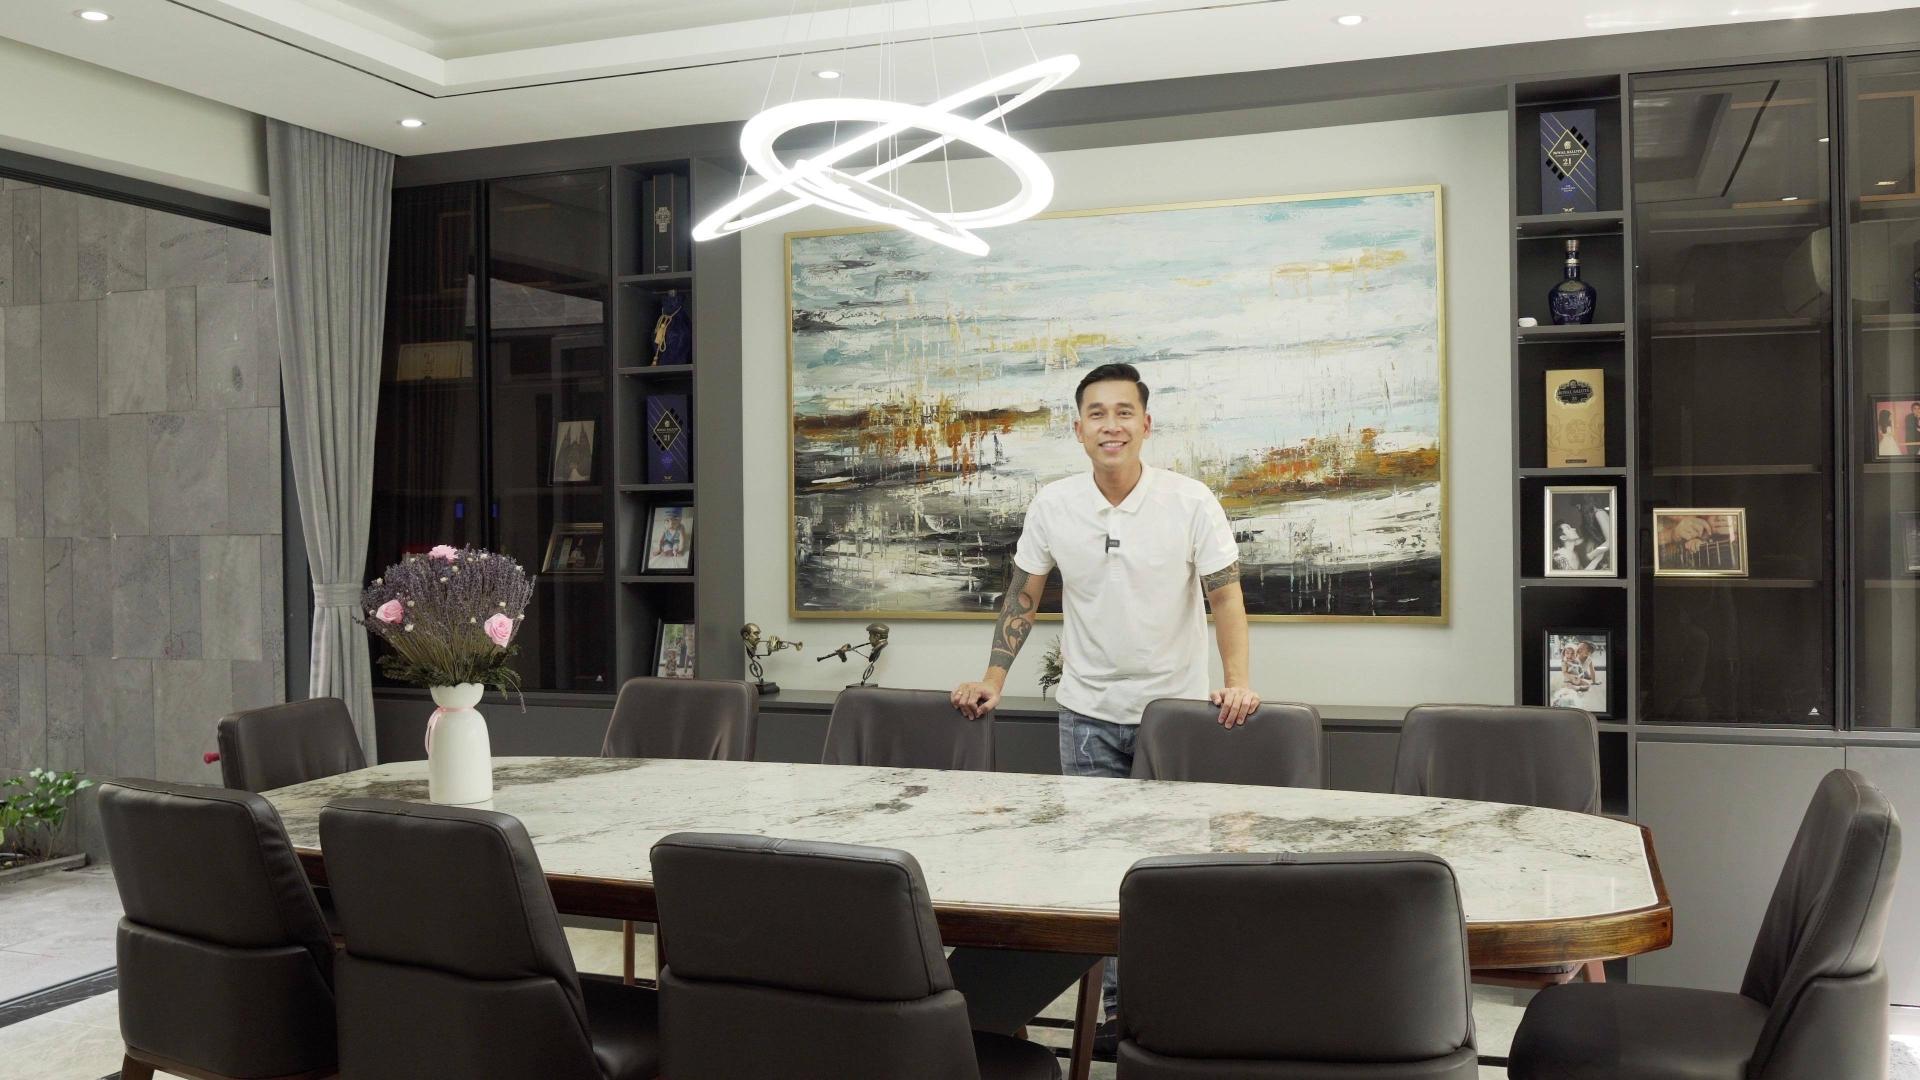 Nhà 8 tầng hơn 40 tỷ đồng của ca sĩ Lê Hoàng (The Men)